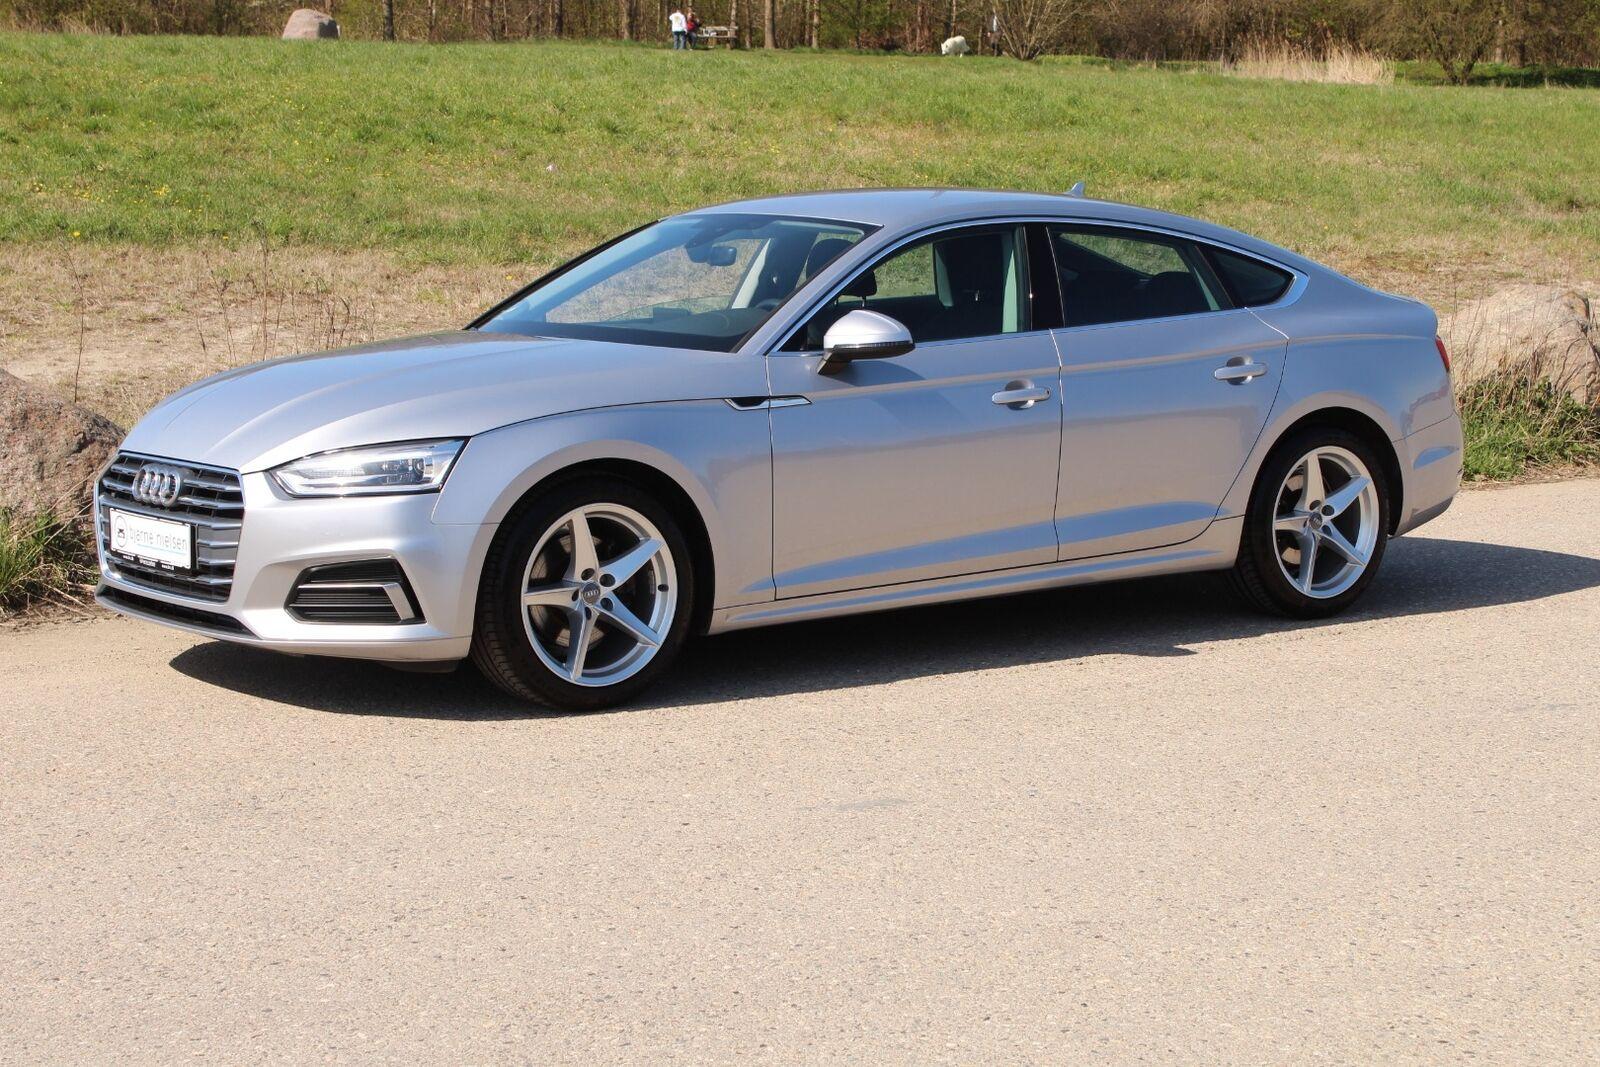 Audi A5 Billede 4